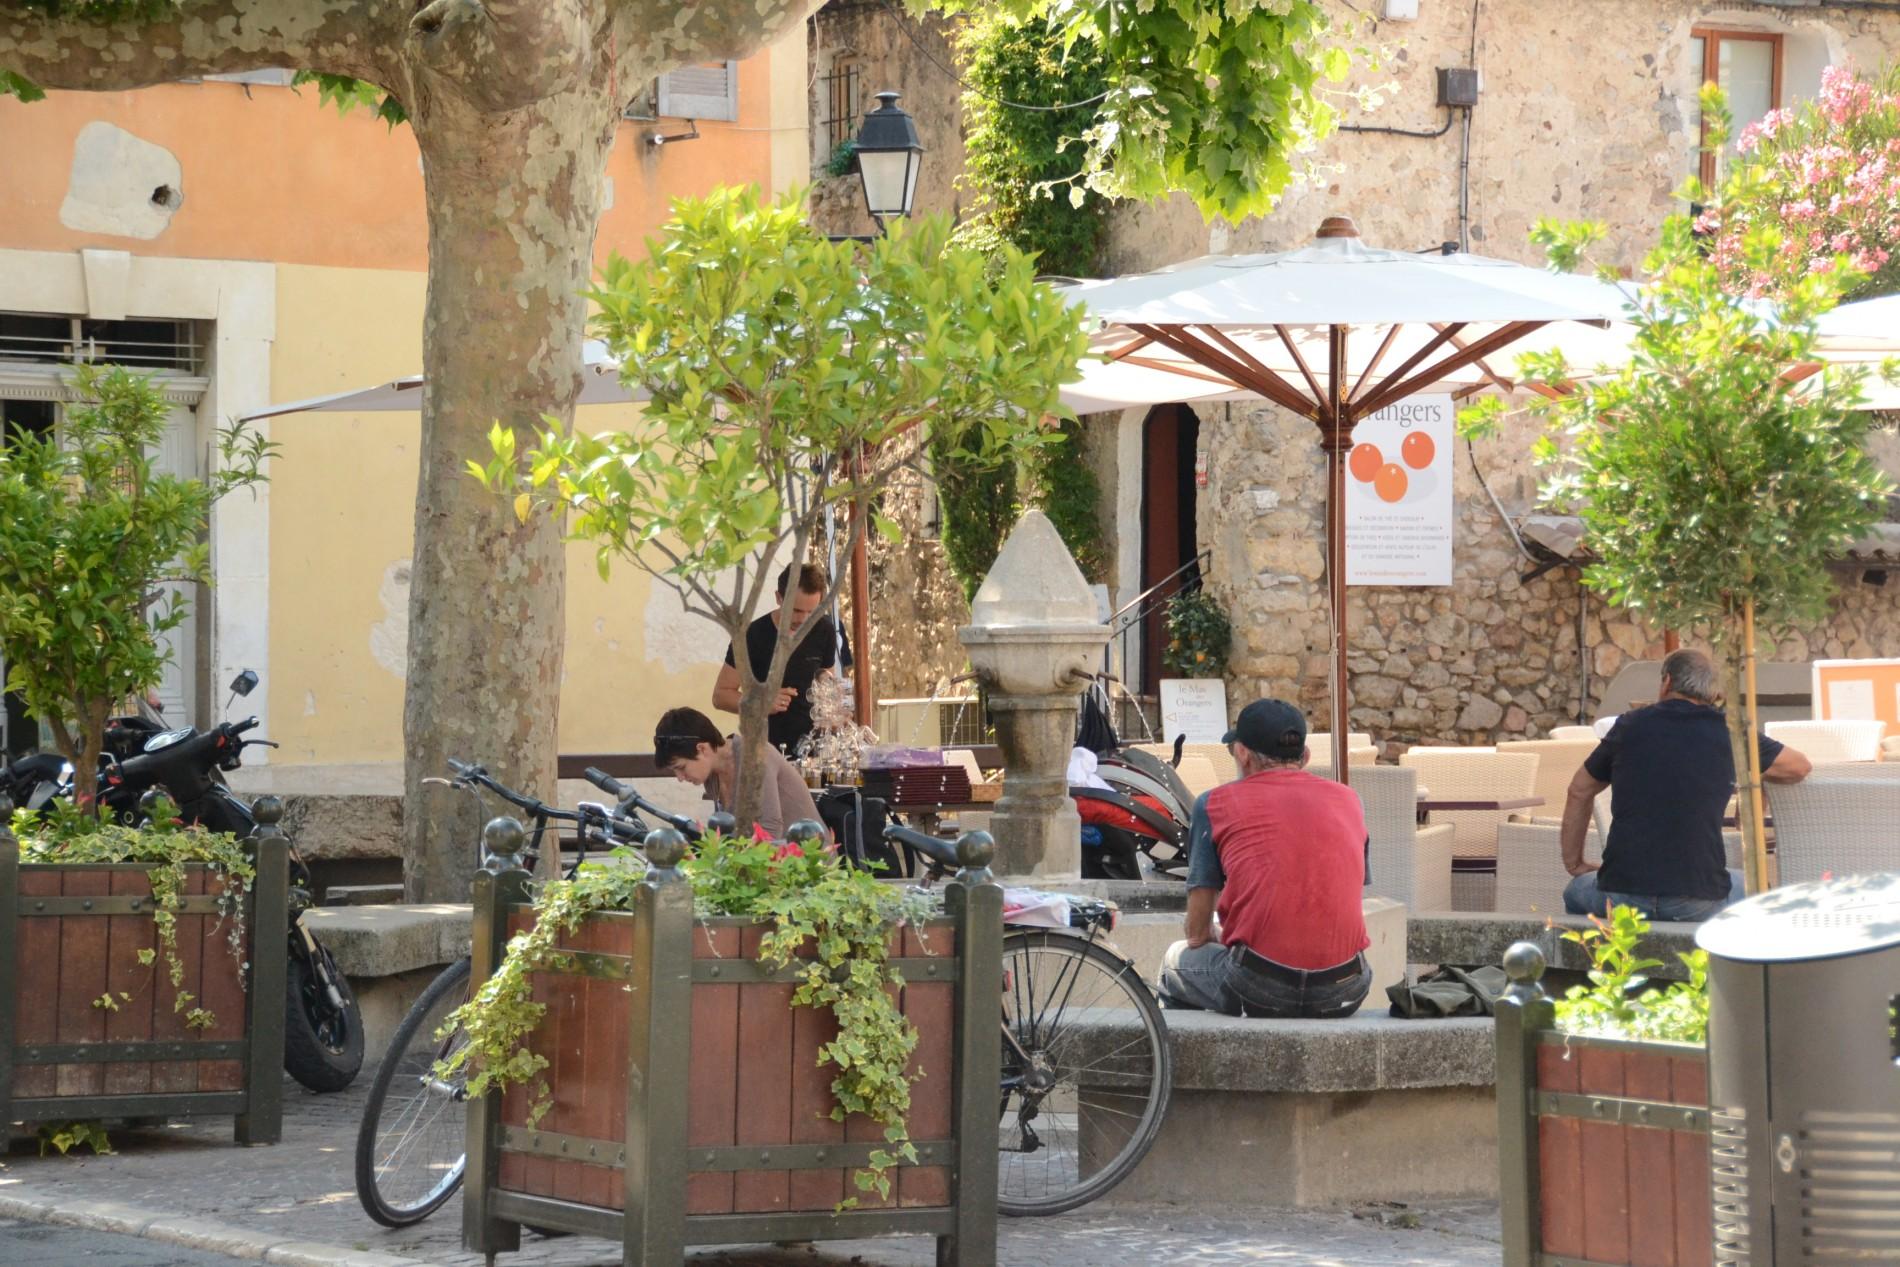 Biot - Provence Alpes Cote d'Azur